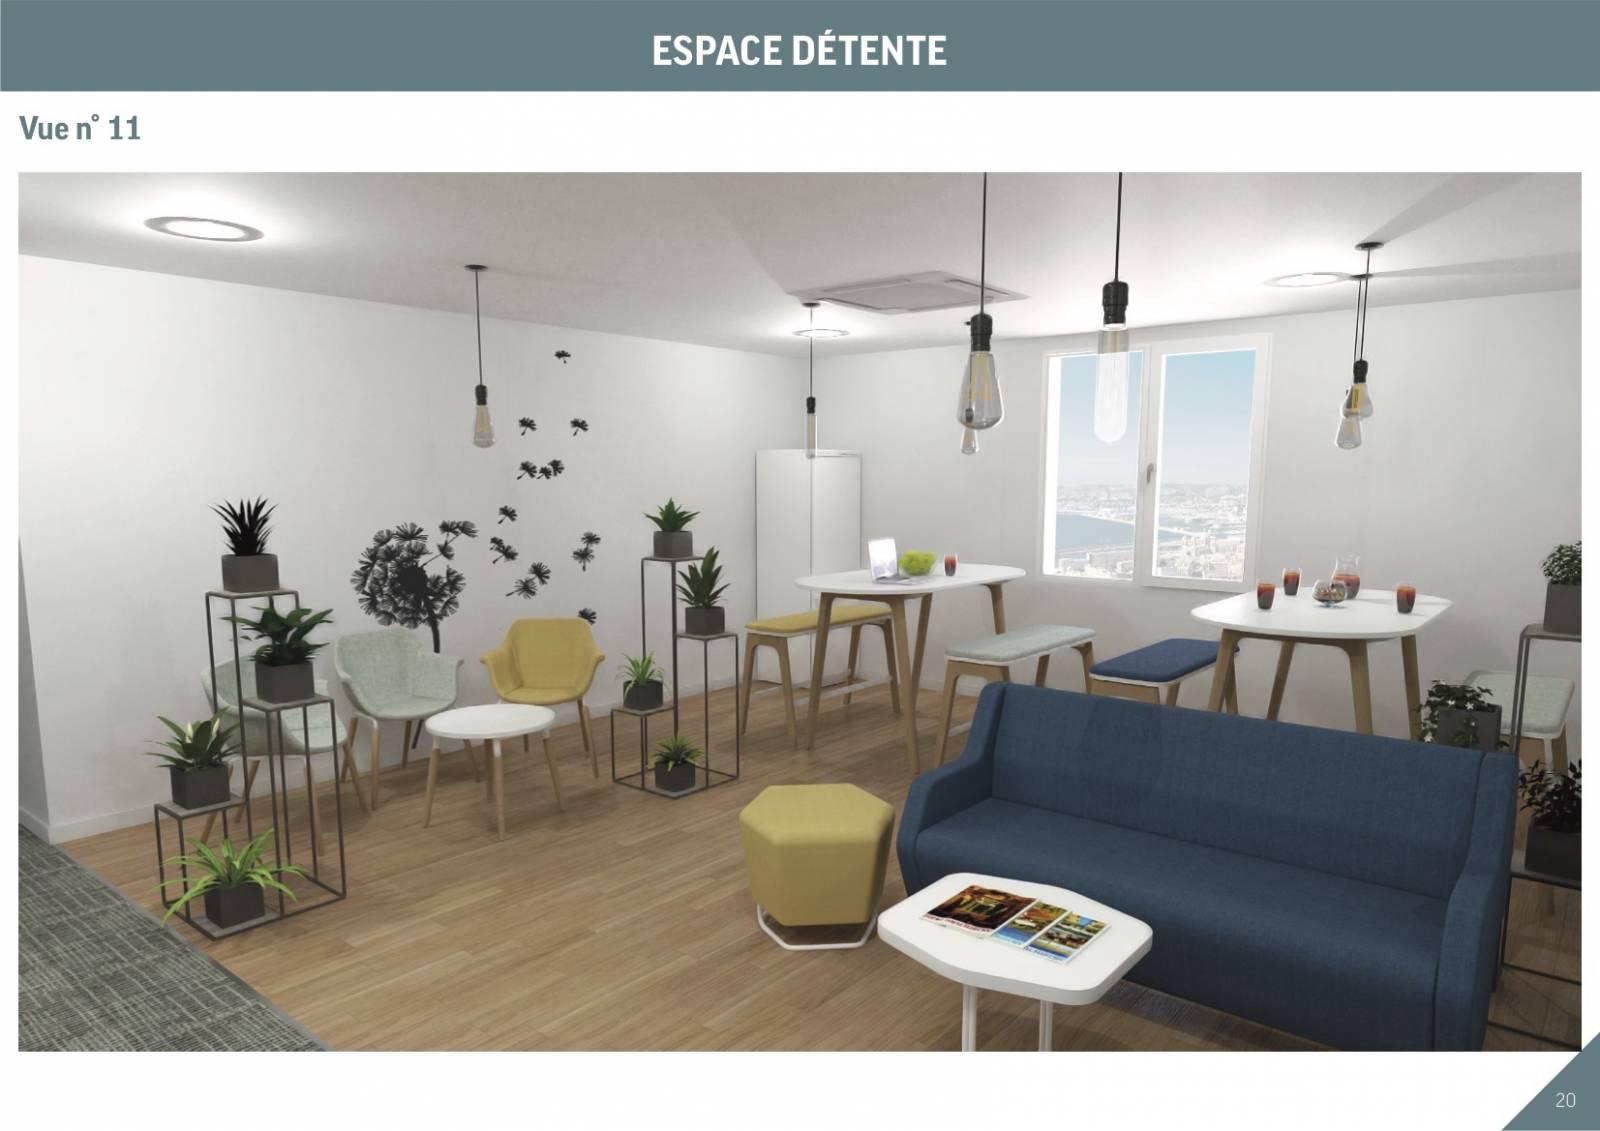 LM Déco a proposé du mobilier adapté à l'activité et aux besoins des collaborateurs